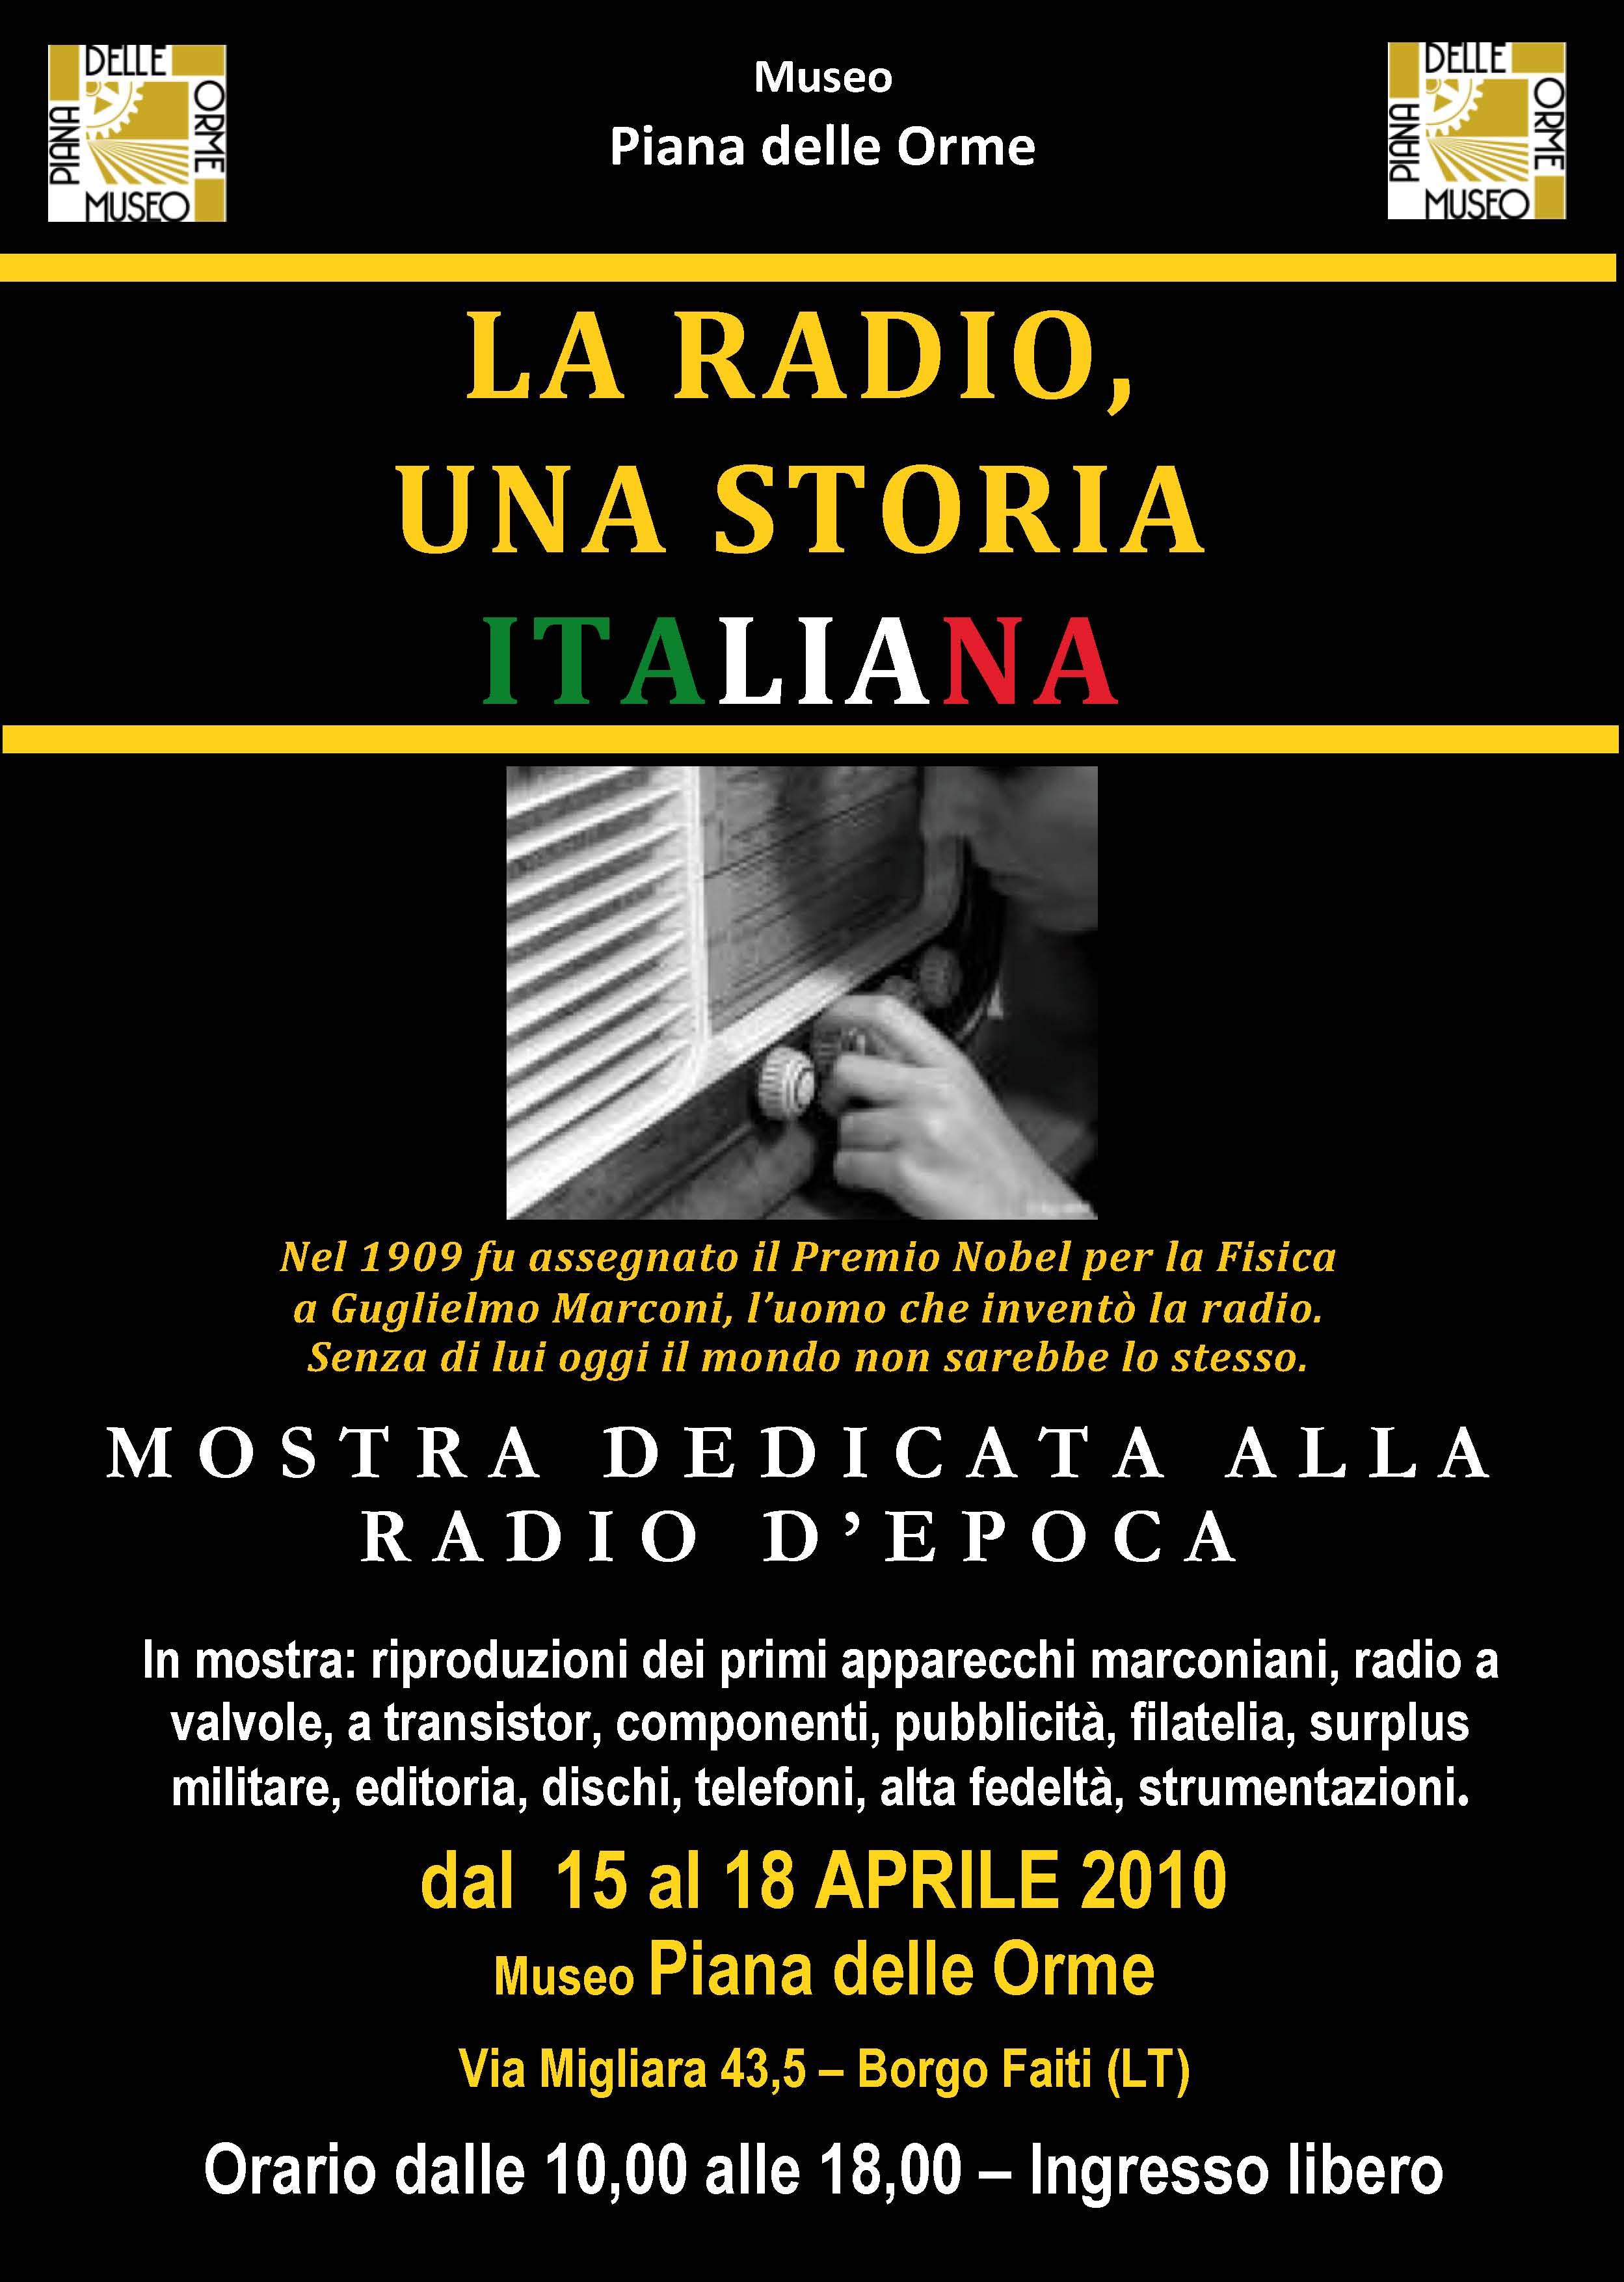 1 La Radio una storia italiana